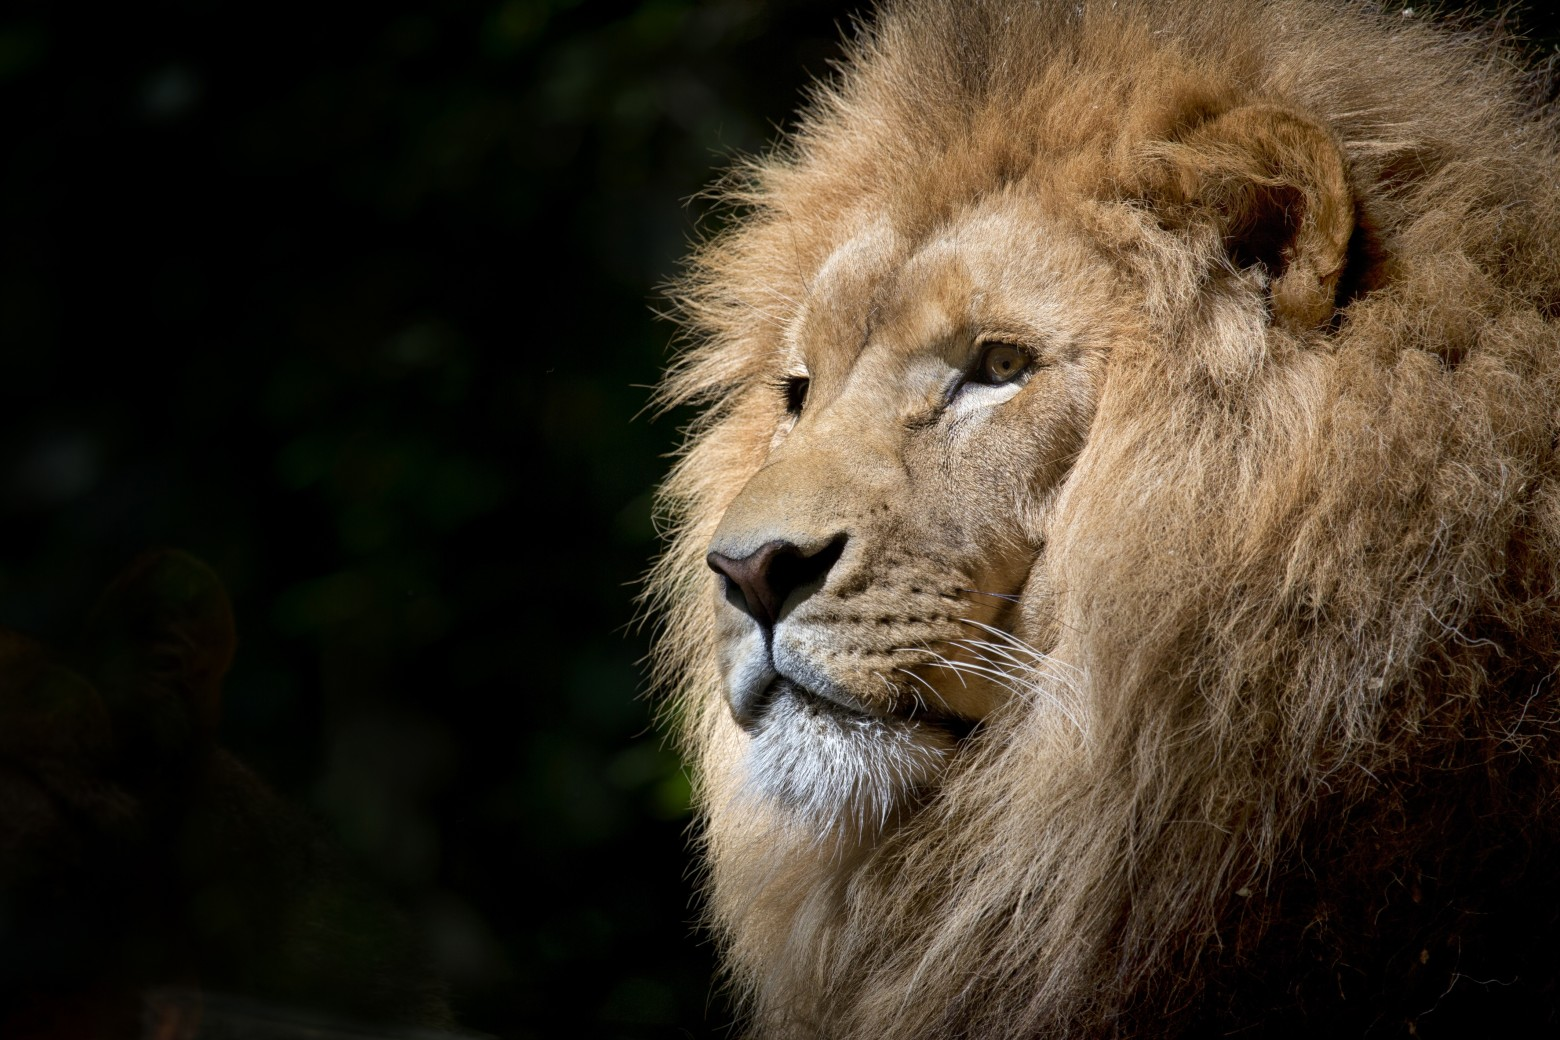 Le Lion Image Gratuite Libre De Droit Images Gratuites Et